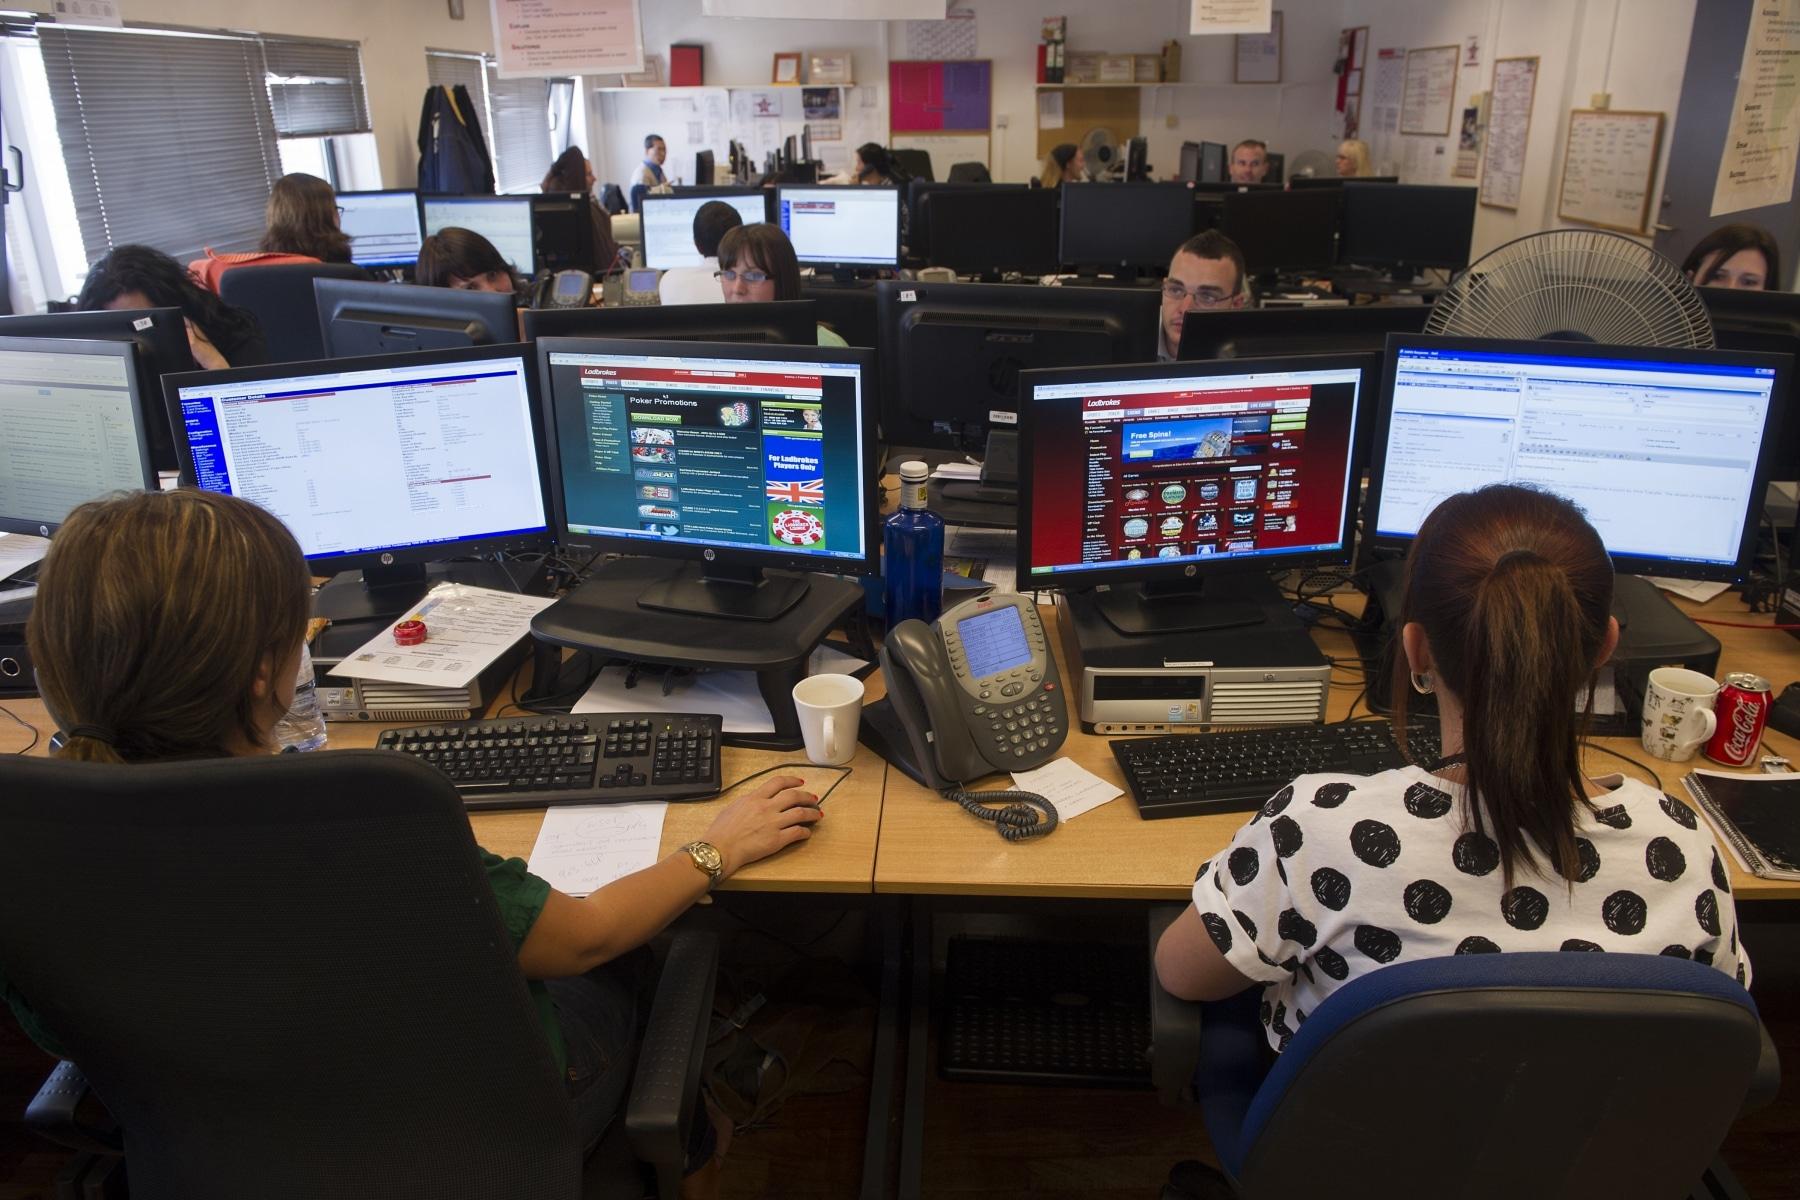 sector-juego-online-ladboke-gibraltar-09_9222284525_o